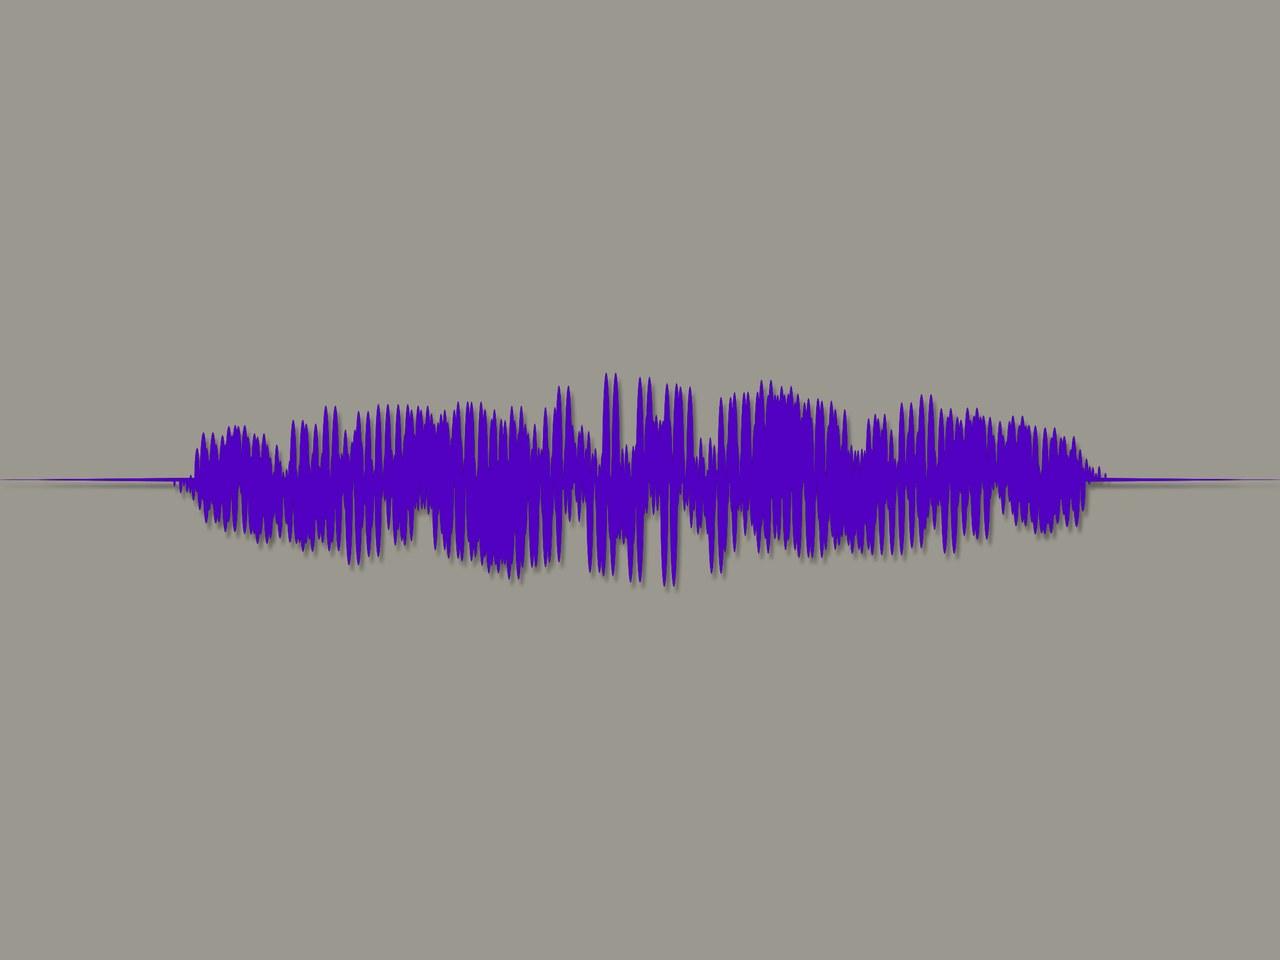 Diagramma sonoro